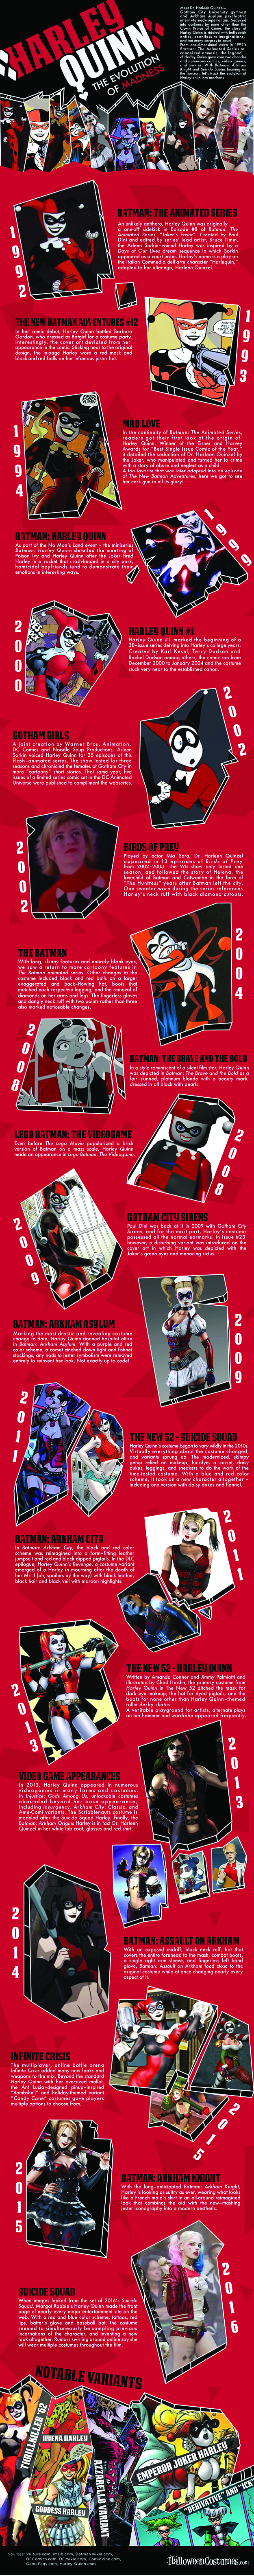 Harley Quinn Evolution Infographic